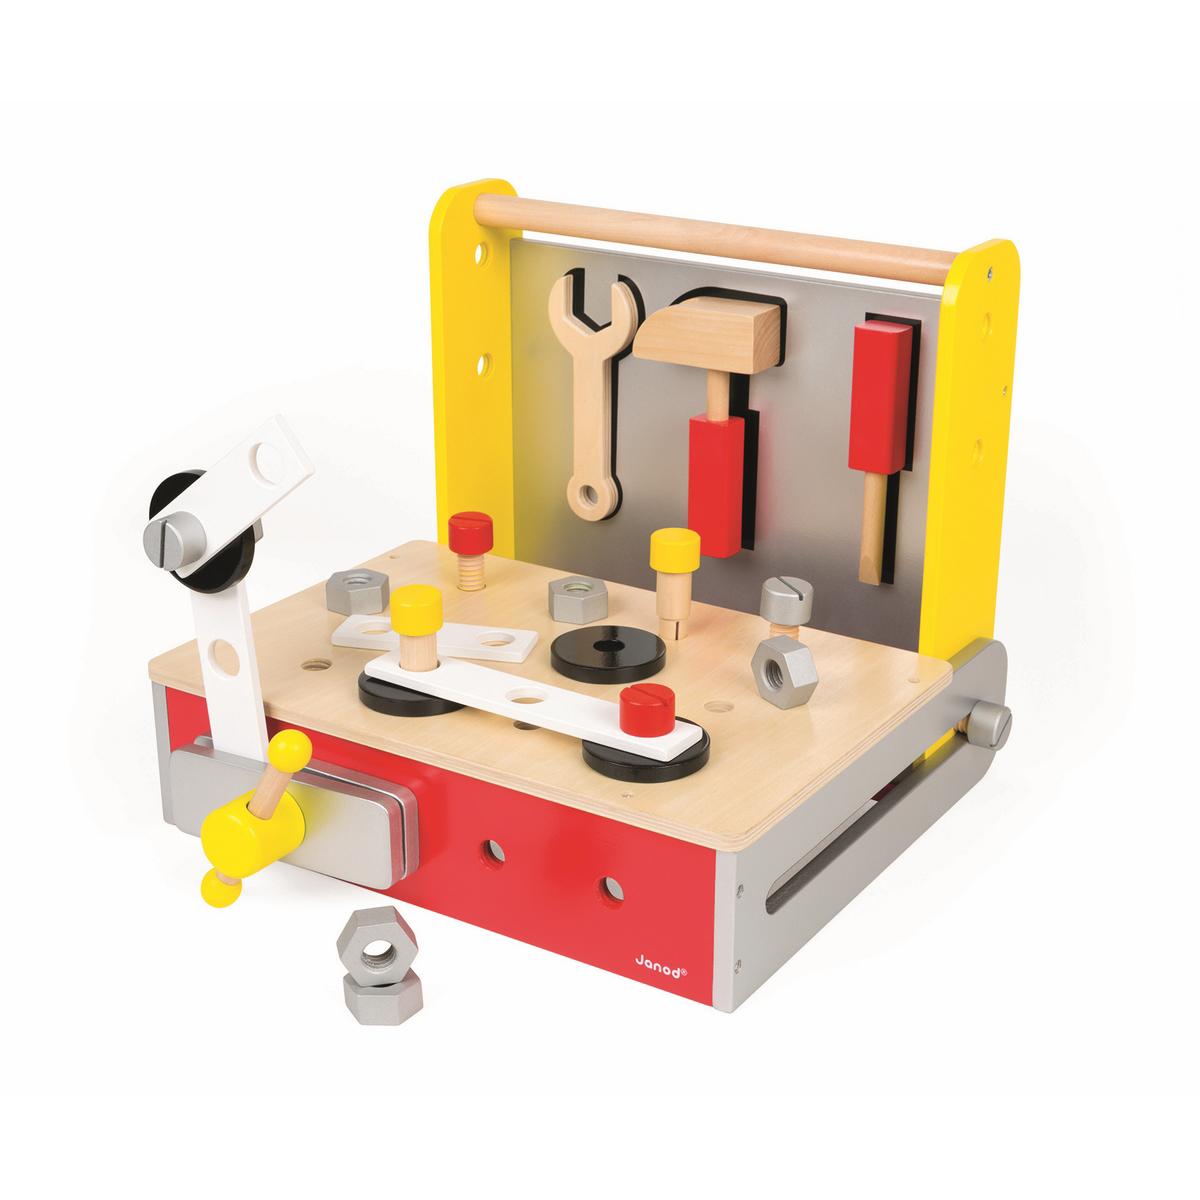 Janod Игрушечный набор Мастерская 25 предметовJ06489Игрушечный набор Janod Мастерская - это прекрасная развивающая игрушка для мальчишек. В набор входят деревянно-магнитные инструменты: молоток, гаечный ключ, отвертка. А также деревянные болты различных форм и соединительных планок. В составе изделий нет токсичных и пагубных веществ, что делает продукцию безвредной для детей. Набор состоит из 25 элементов. Игра с таким набором стимулирует развитие ребенка на многих уровнях: развитие навыков, учит терпению и концентрации, развивает воображение и социальные навыки, заставляя их проигрывать сценки, которые имитируют поведение взрослых. Переносной набор-чемоданчик Мастерская - это прекрасный выбор для ребенка и его родителей.